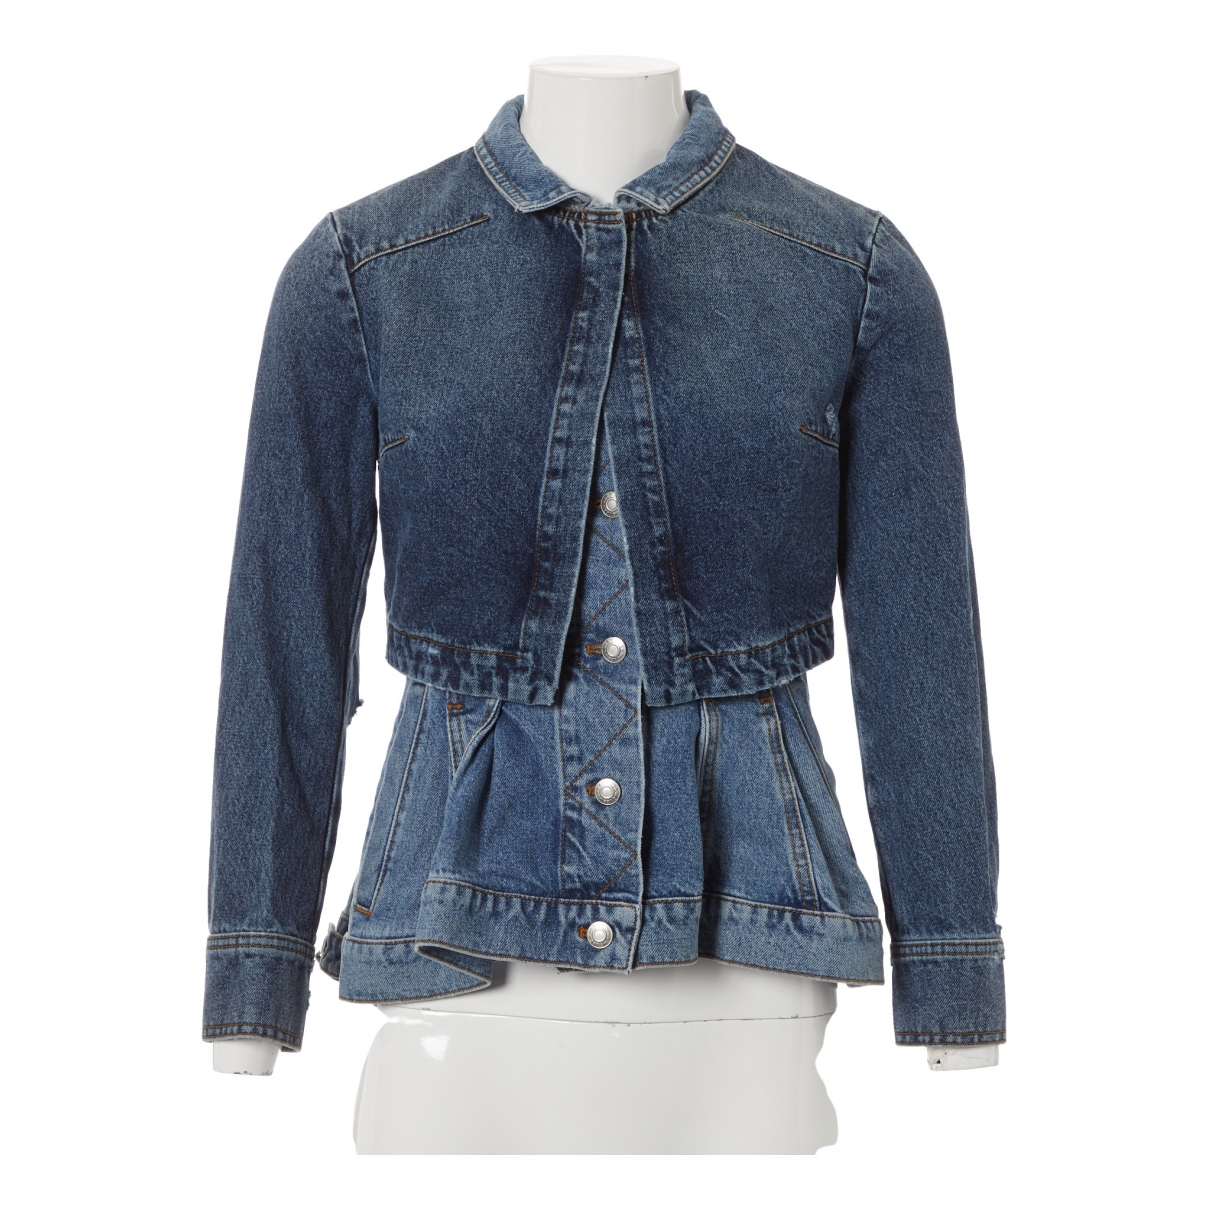 Alexander Mcqueen N Blue Denim - Jeans jacket for Women 36 IT